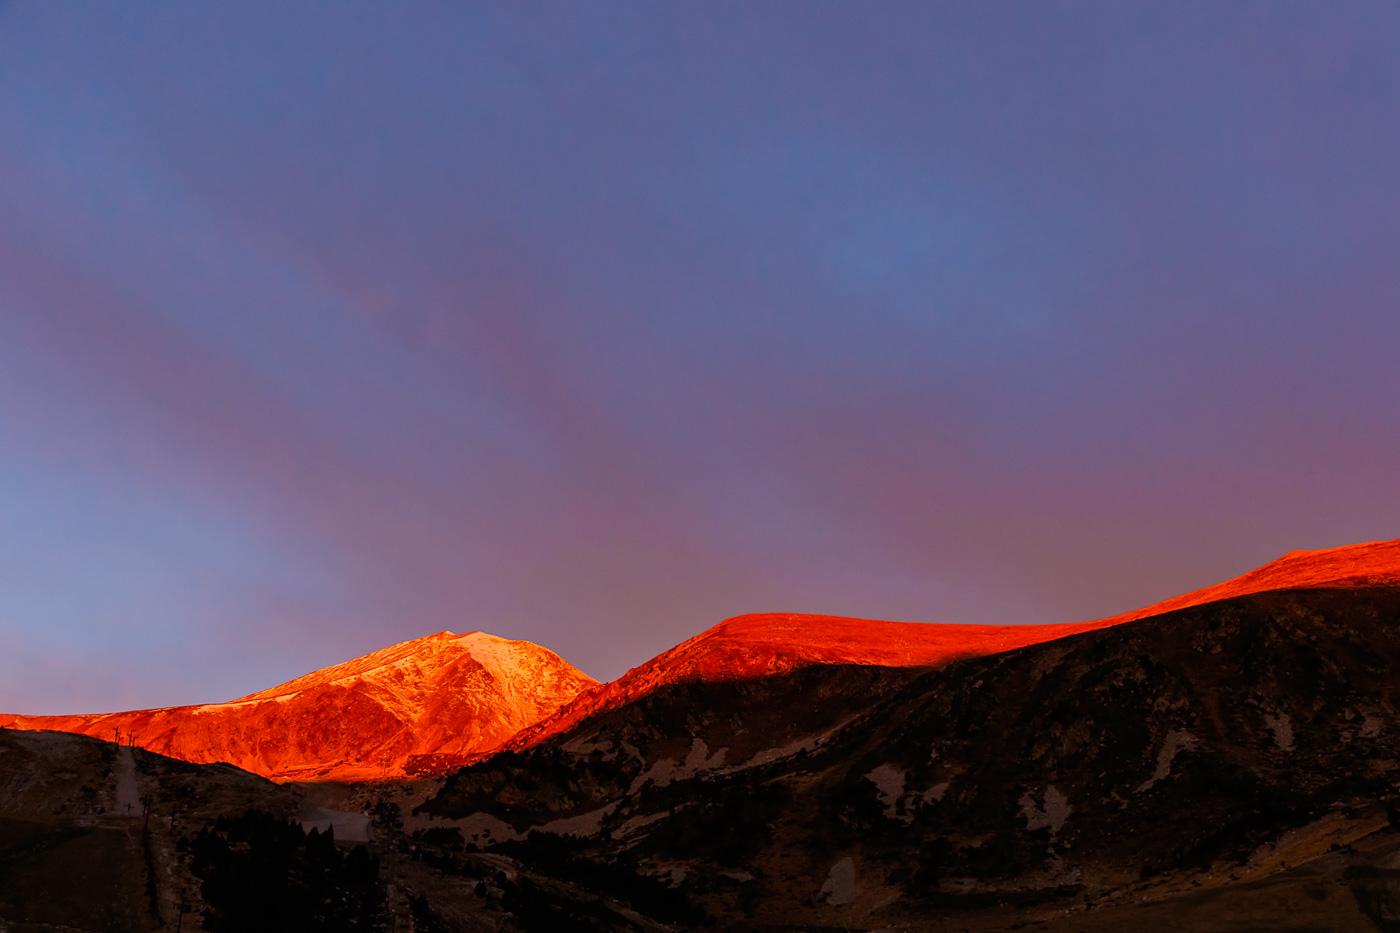 Primeres llums vermelles - Fotografies de paisatges - Raül Carmona - Fotografia, Fotografia d'estudi, esdeveniments i Natura